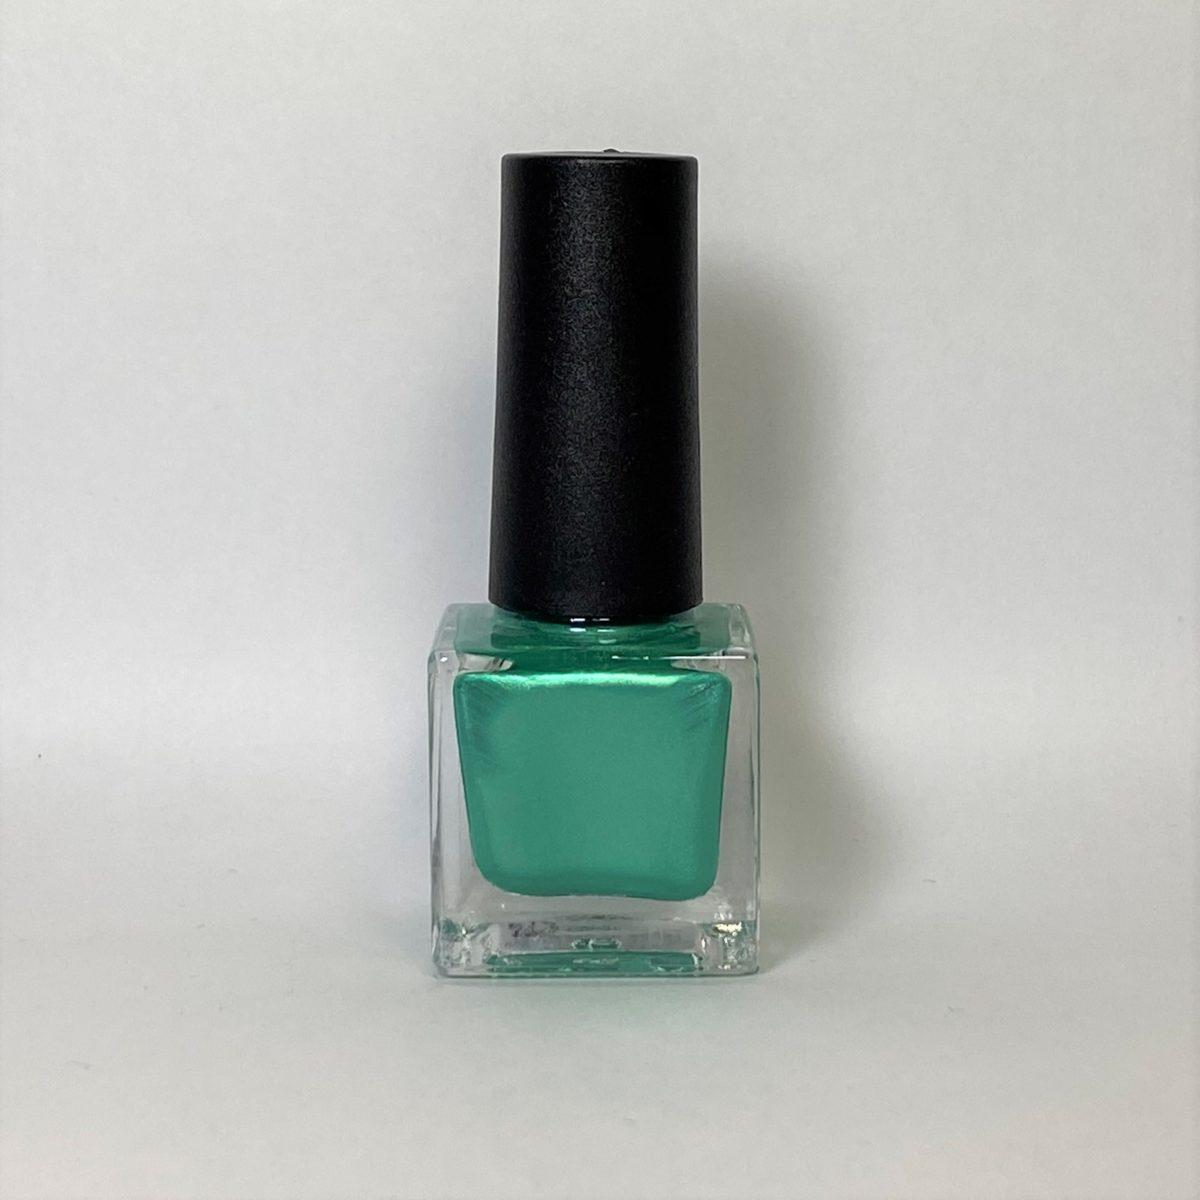 ネイルポリッシュ R13 Green